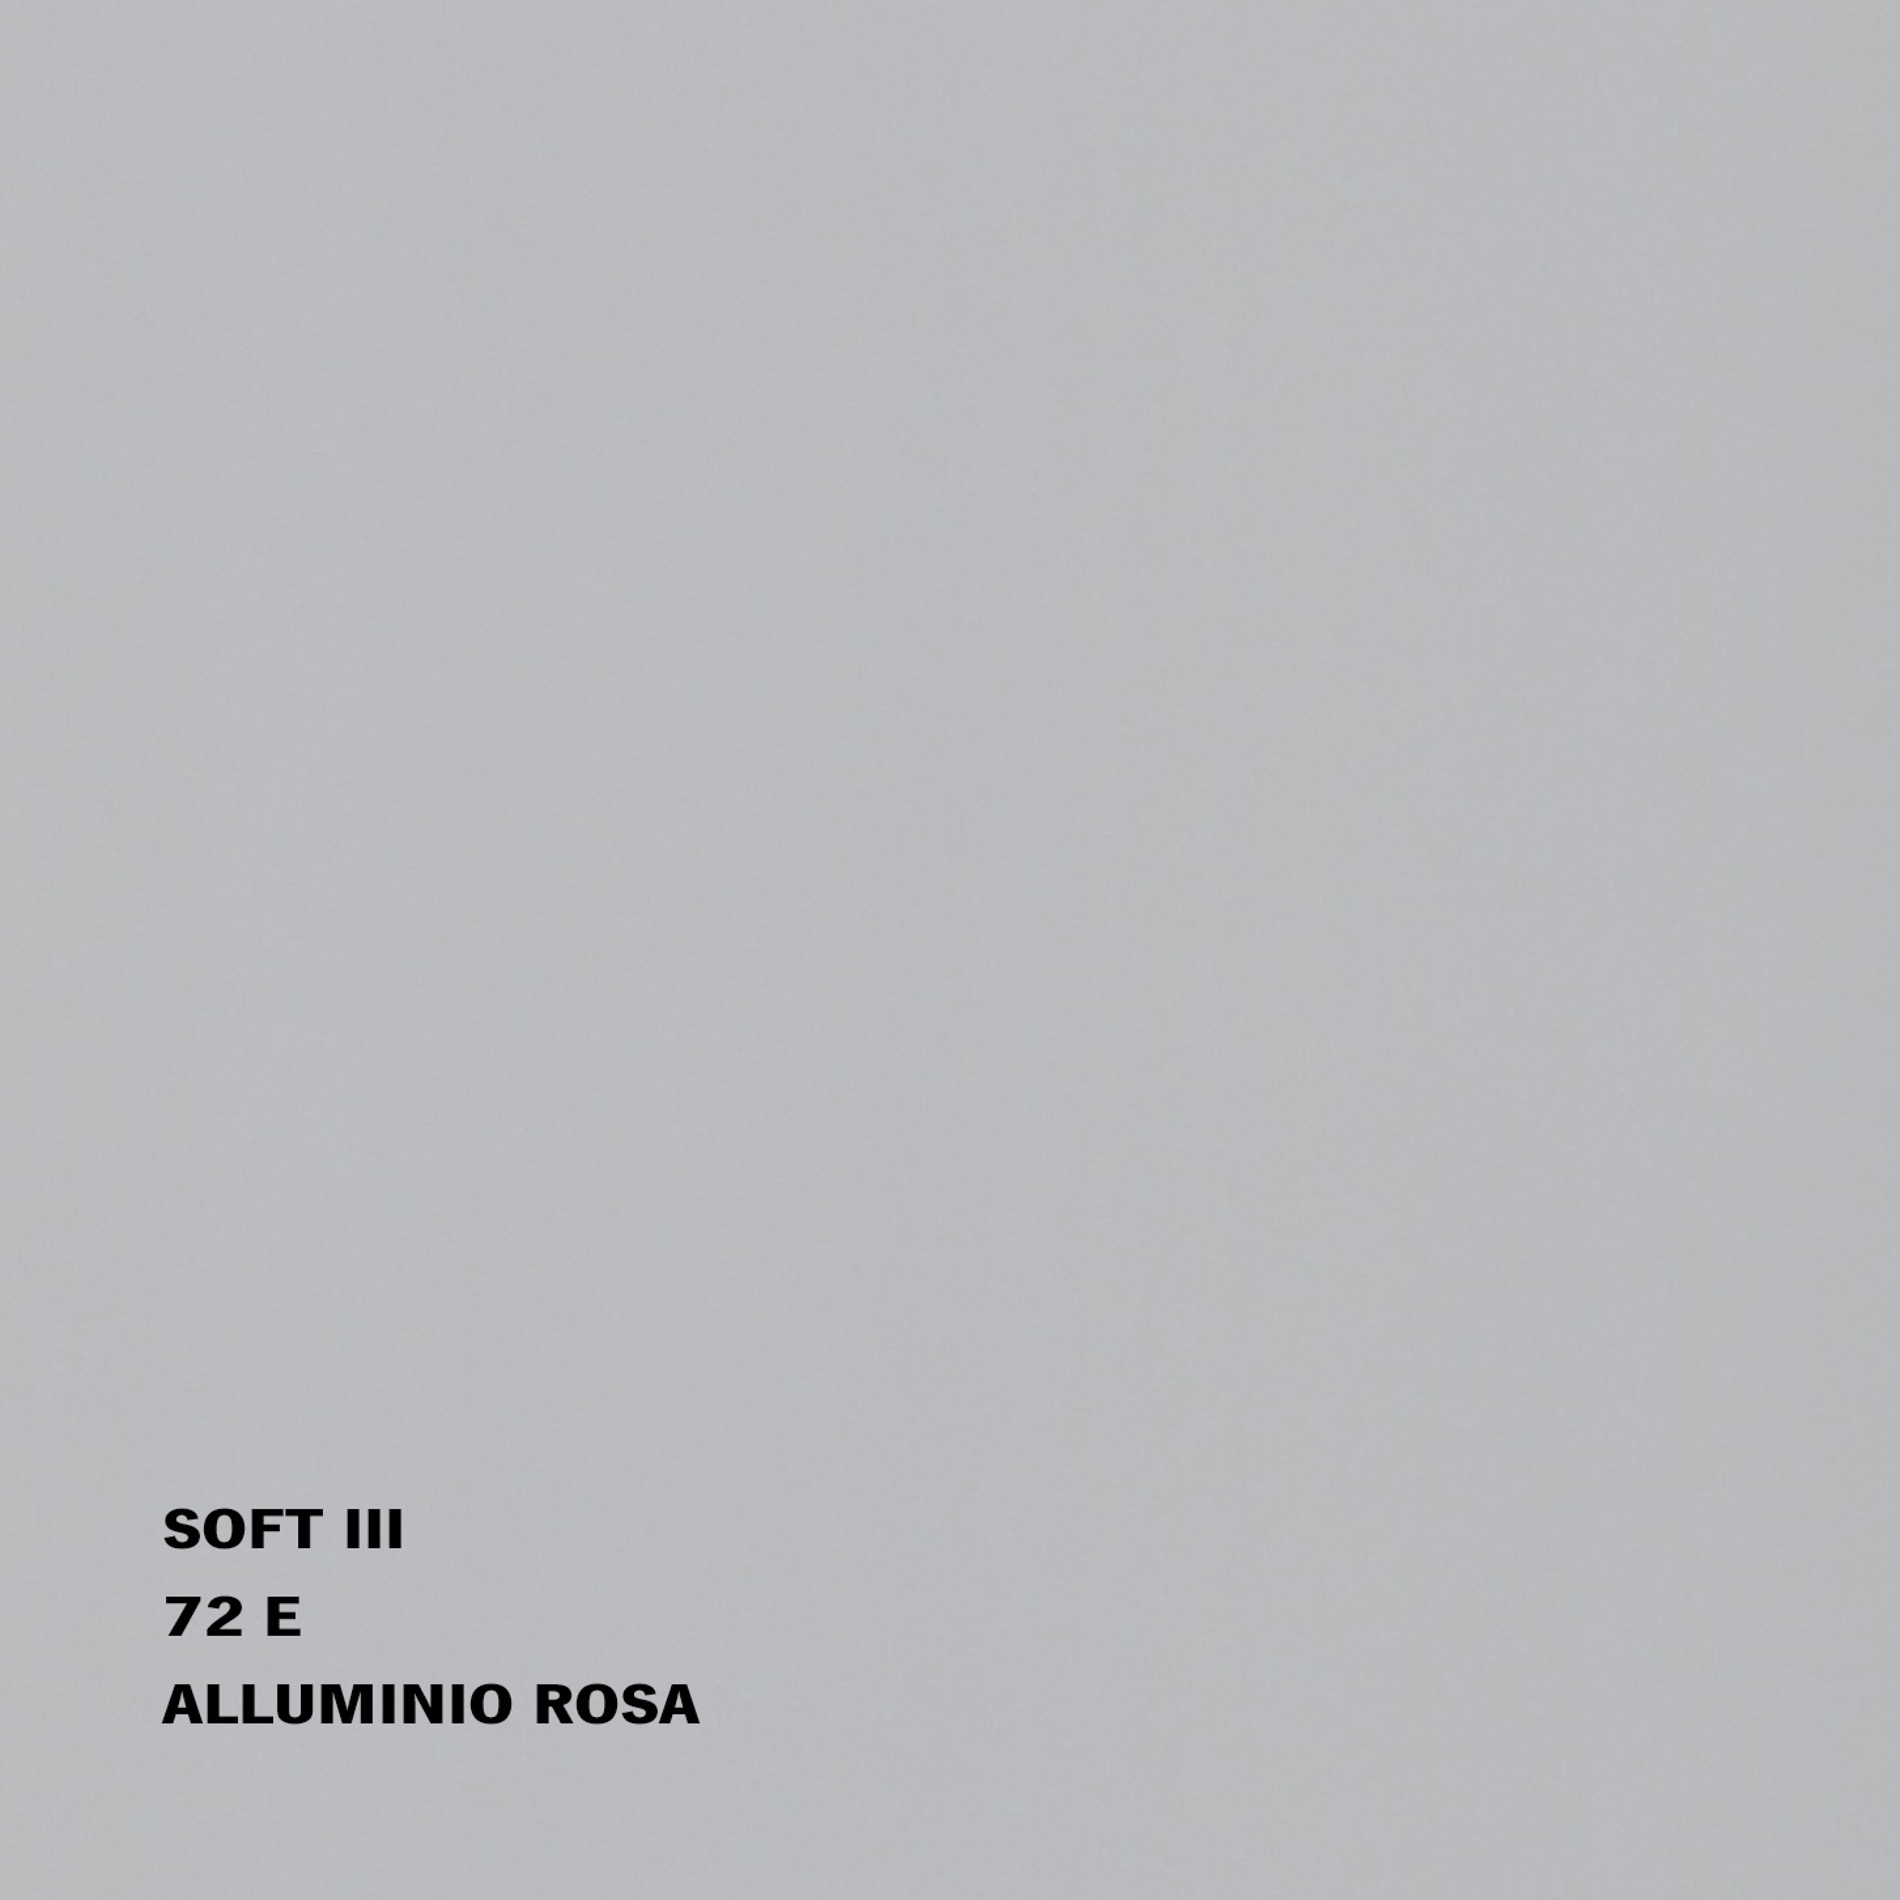 72E__ALUMINIO ROSA SOFT III